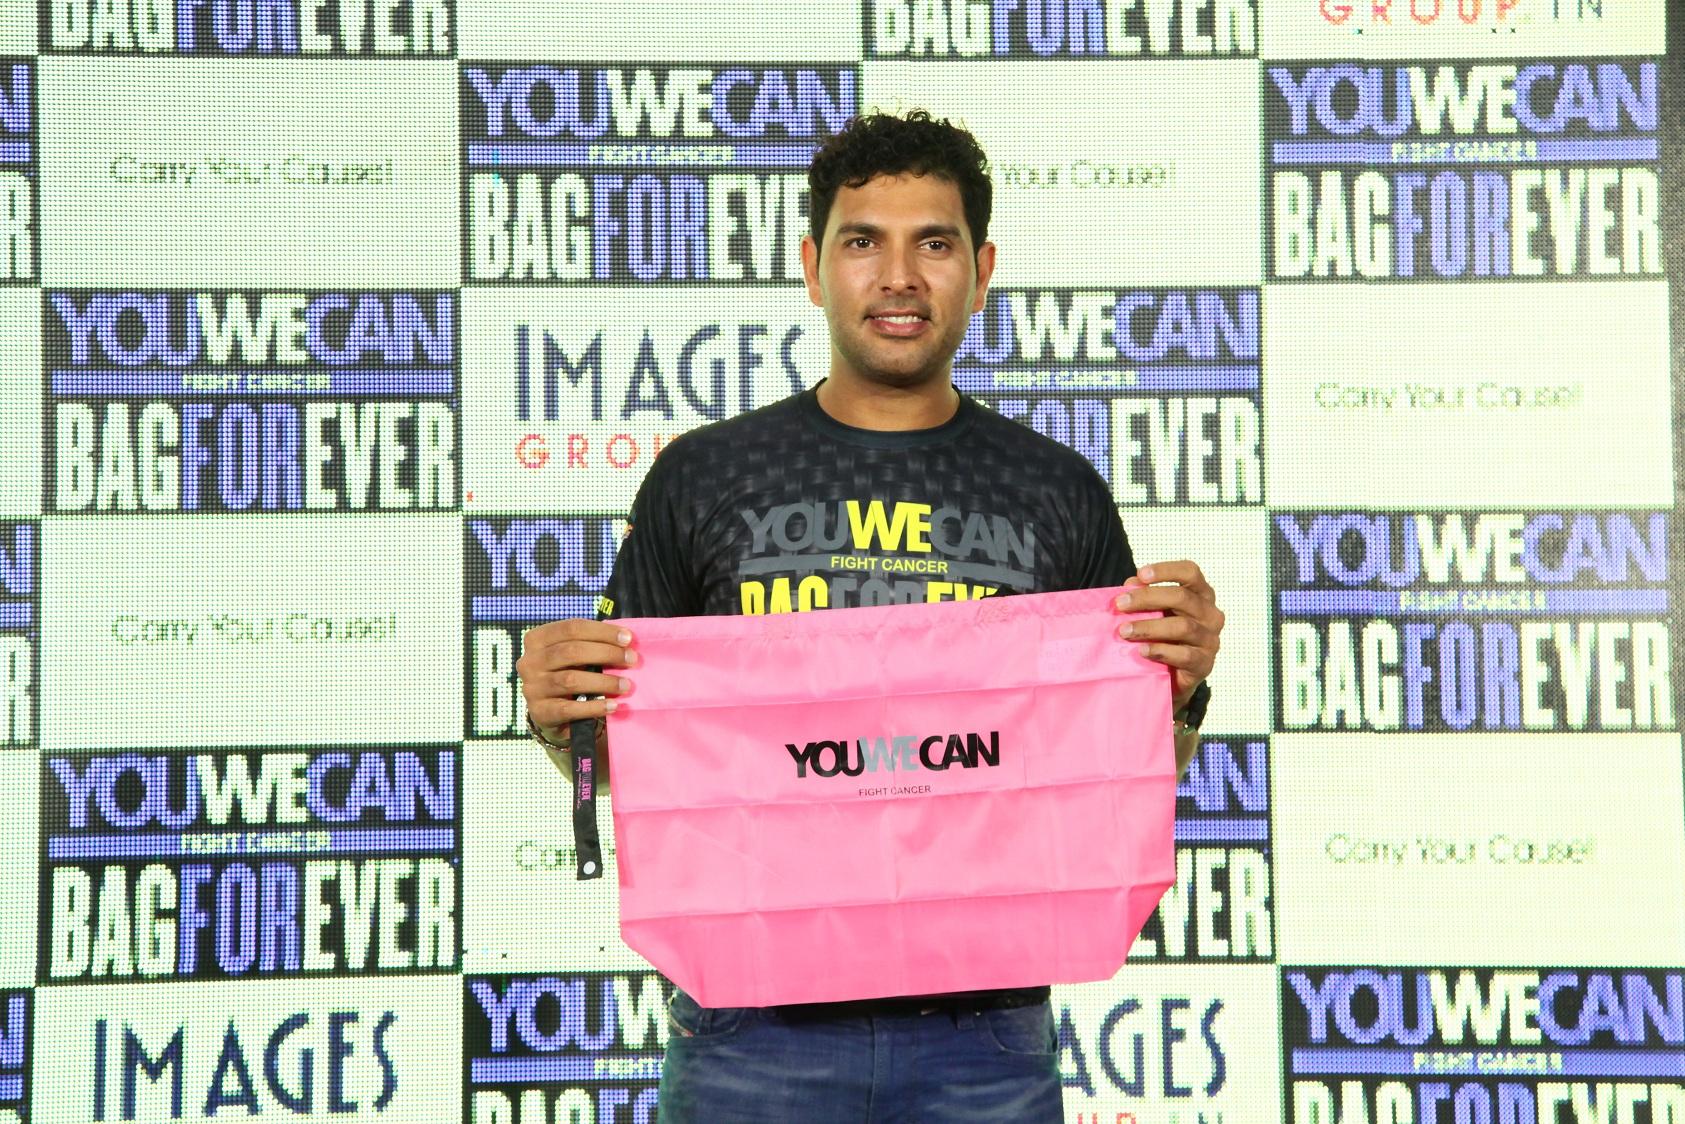 देवधर ट्रॉफी से बाहर होने के बाद युवराज सिंह के प्रशंसकों के लिए सबसे बड़ी खबर 6